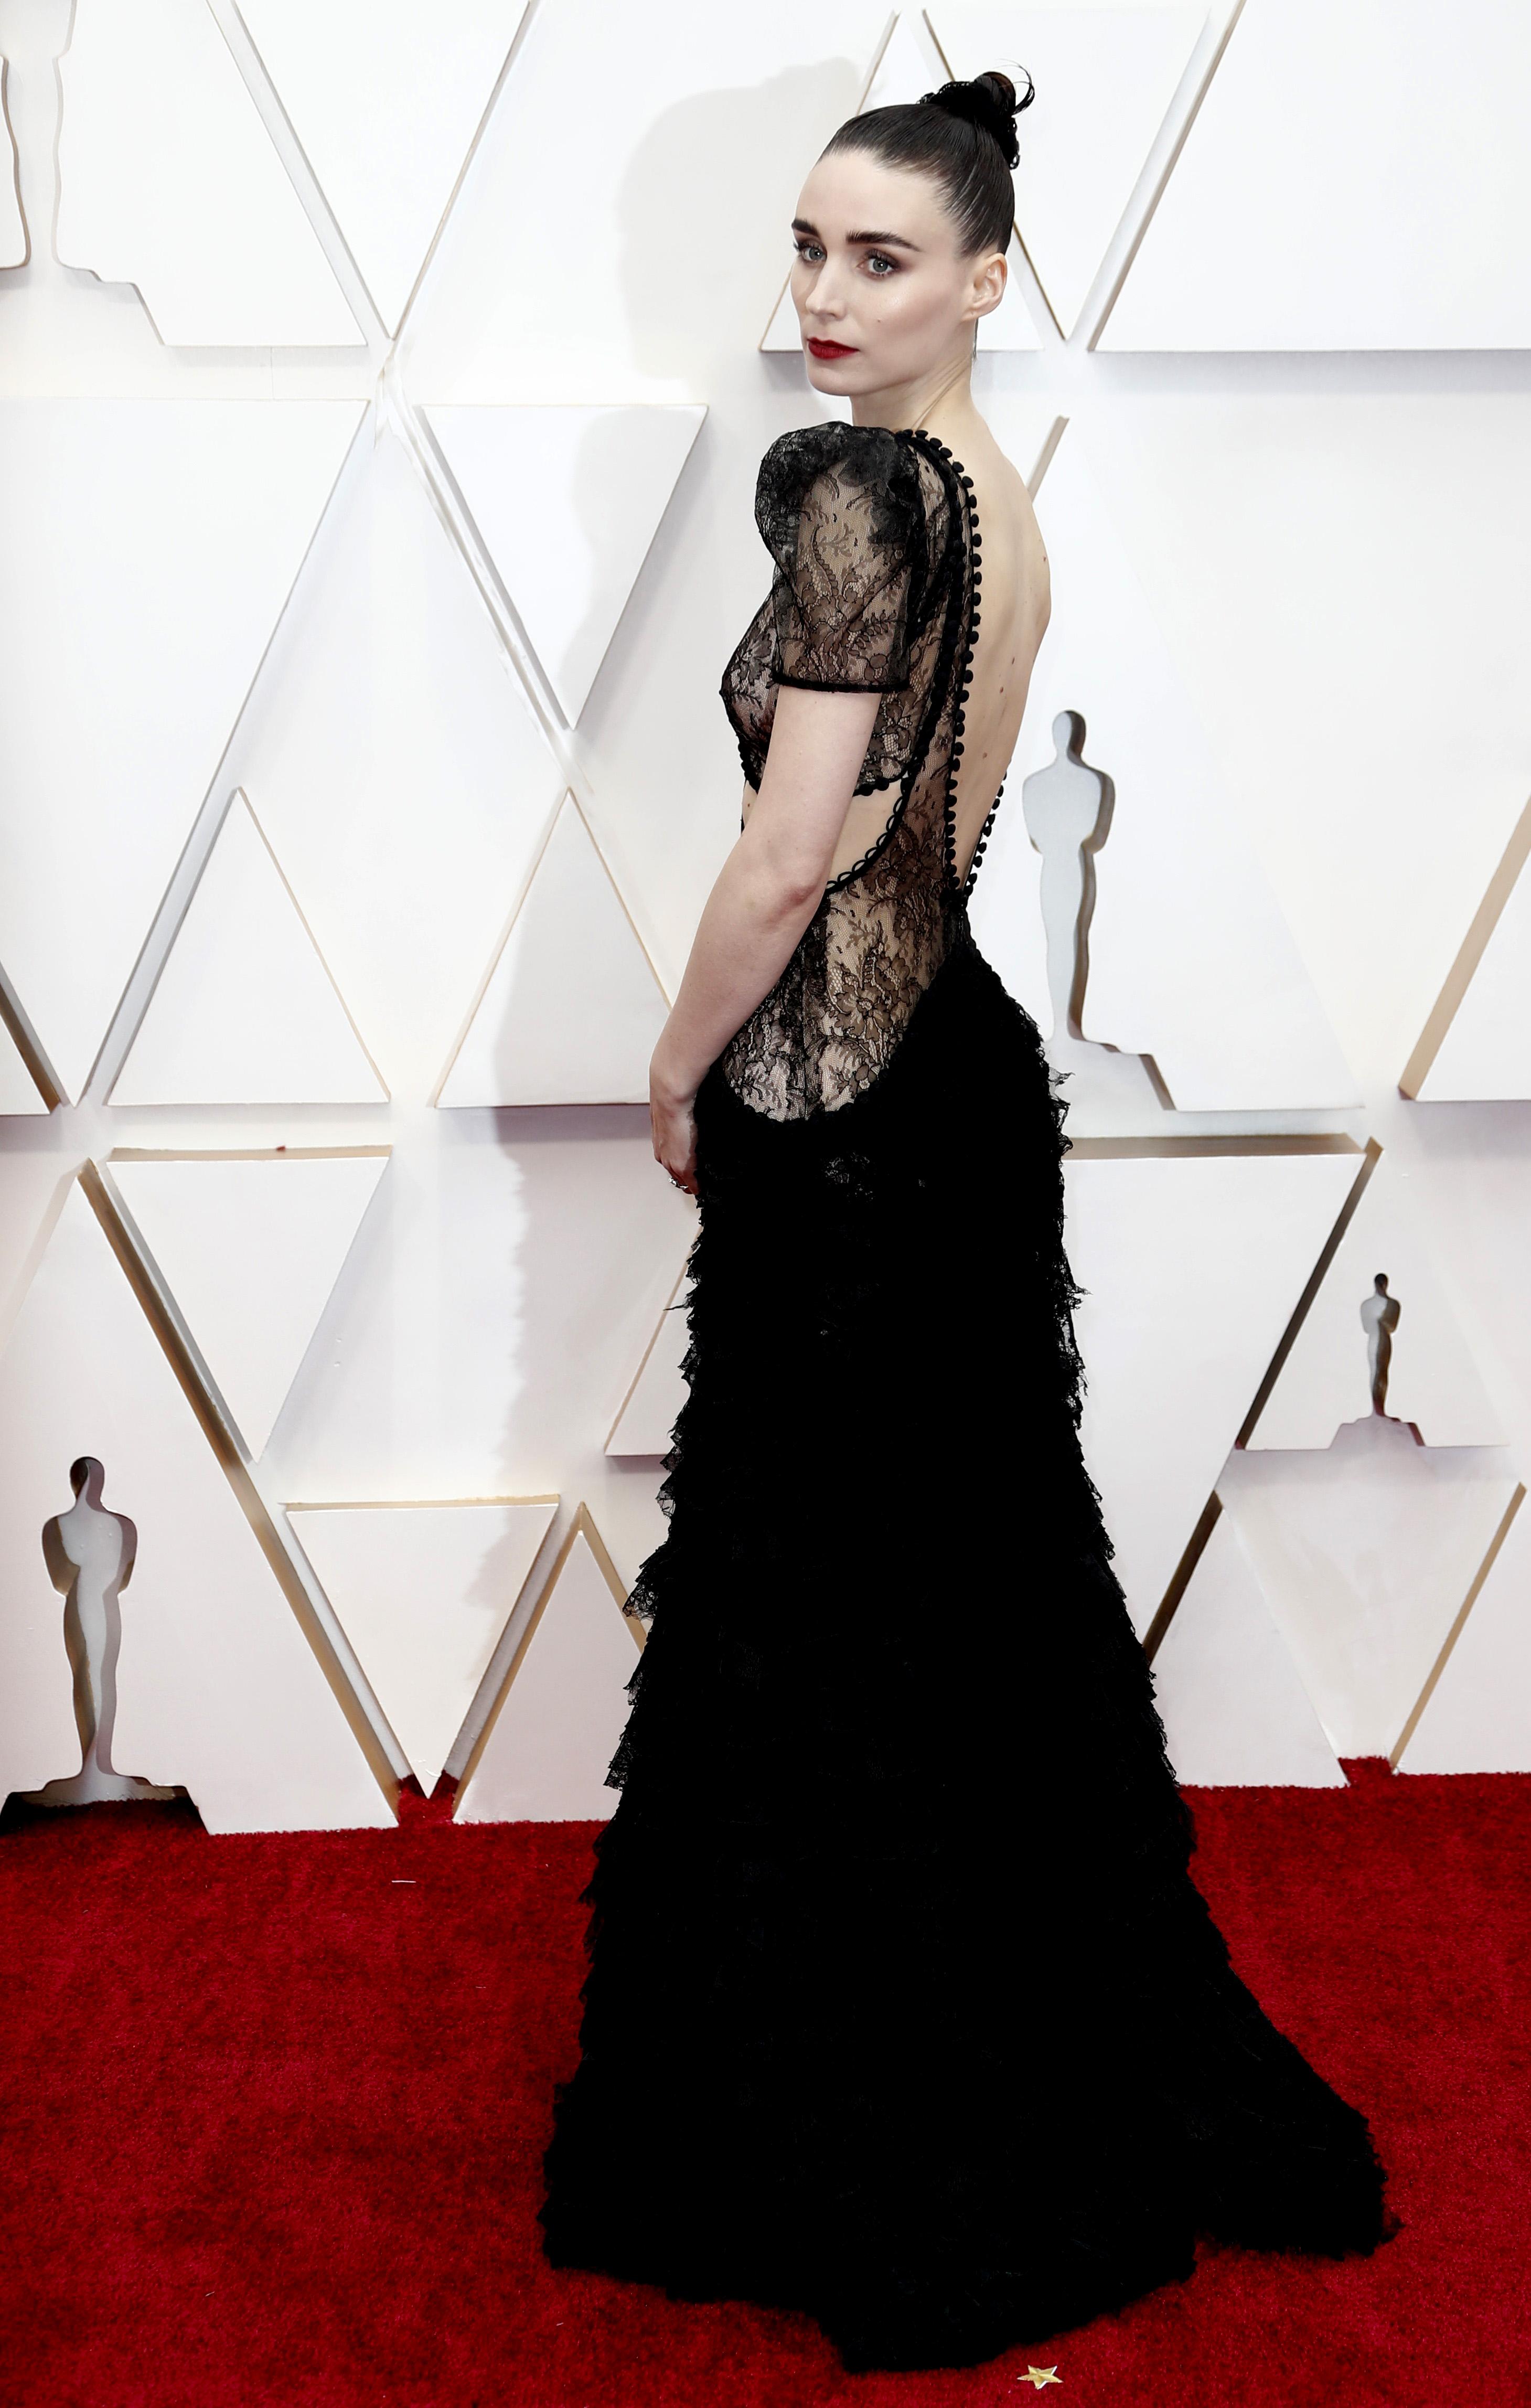 Firmado por Alexander McQueen, Rooney Mara deslumbró en la alfombra roja de los Oscars en su edición número 92 con un diseño realizado en encaje